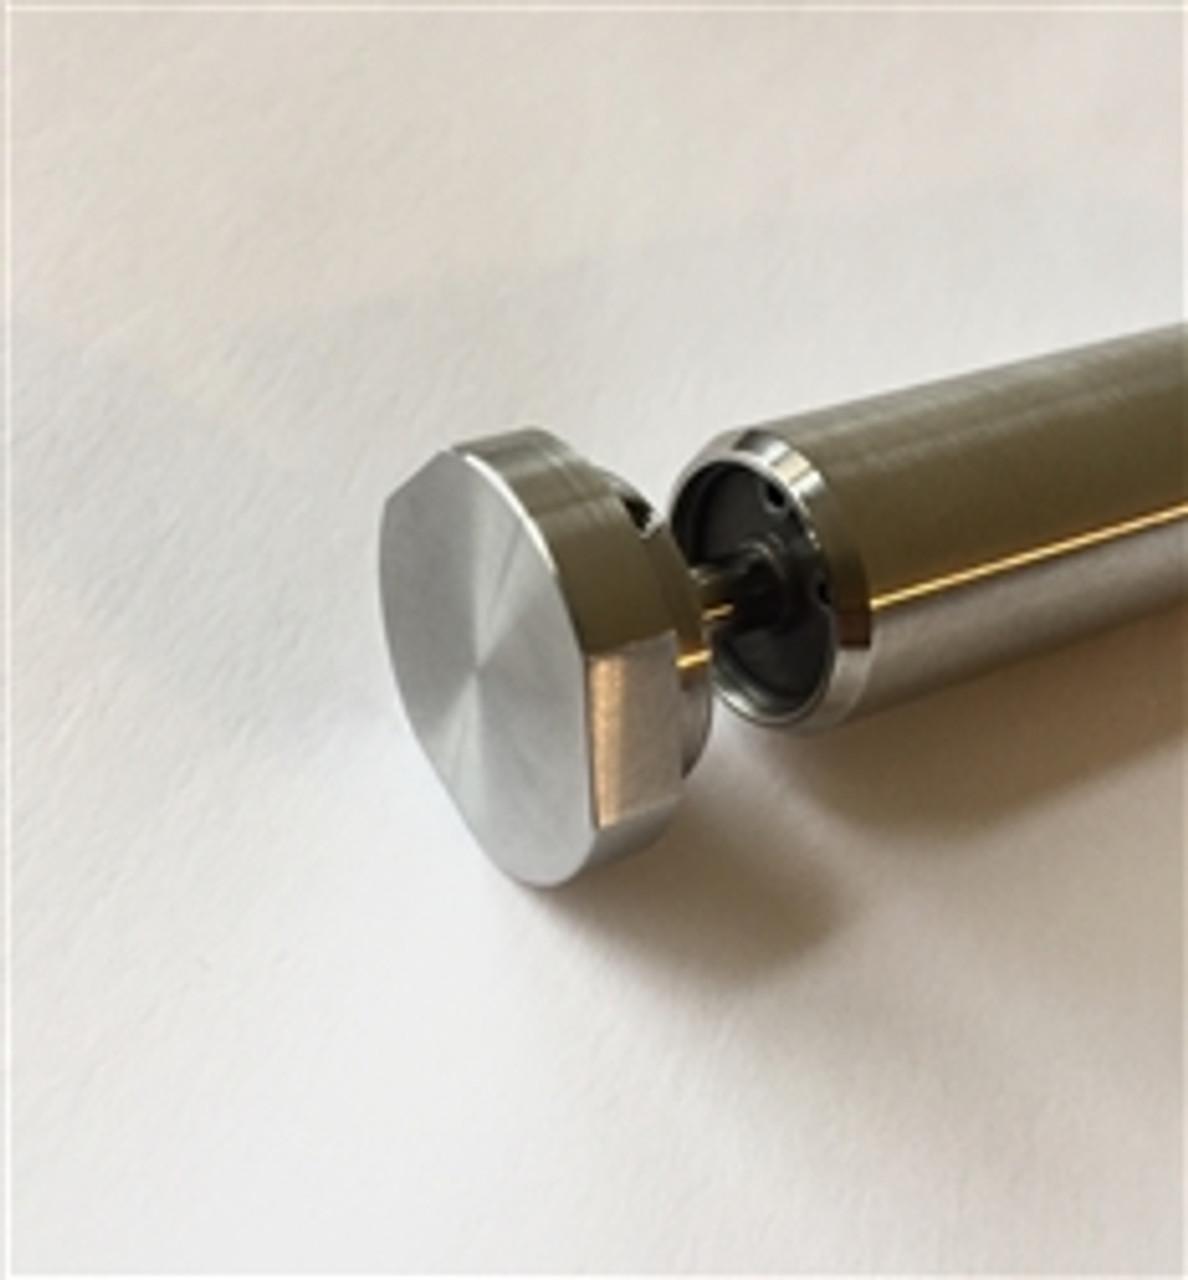 Blitzkrieg Components 9mm Hydraulic Buffer - HD